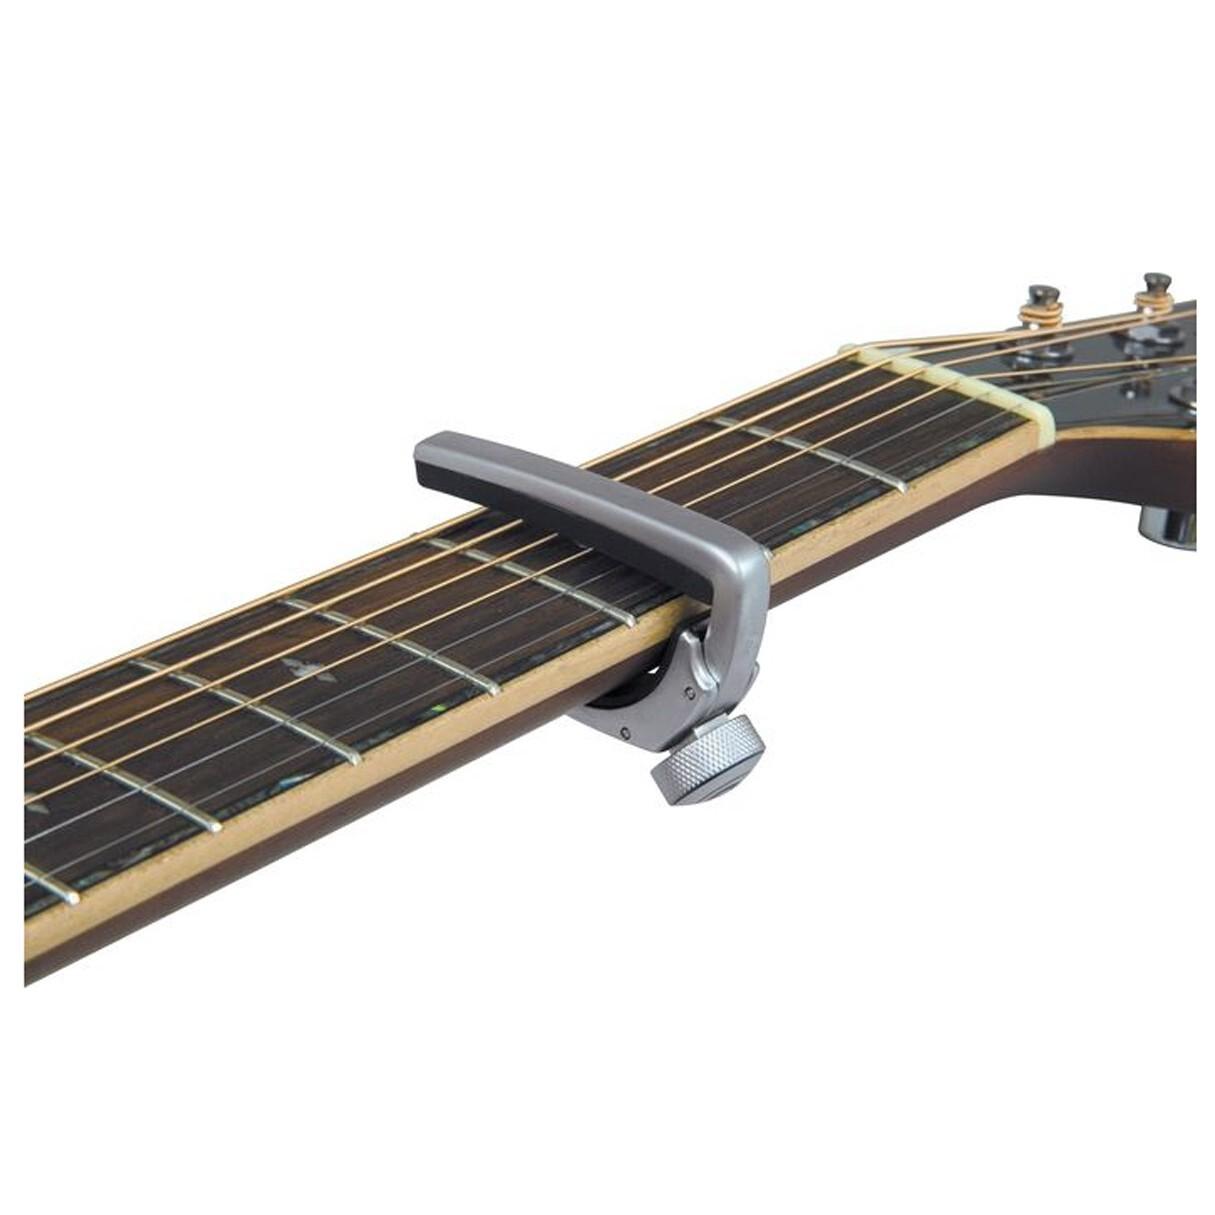 Что такое каподастр для гитары